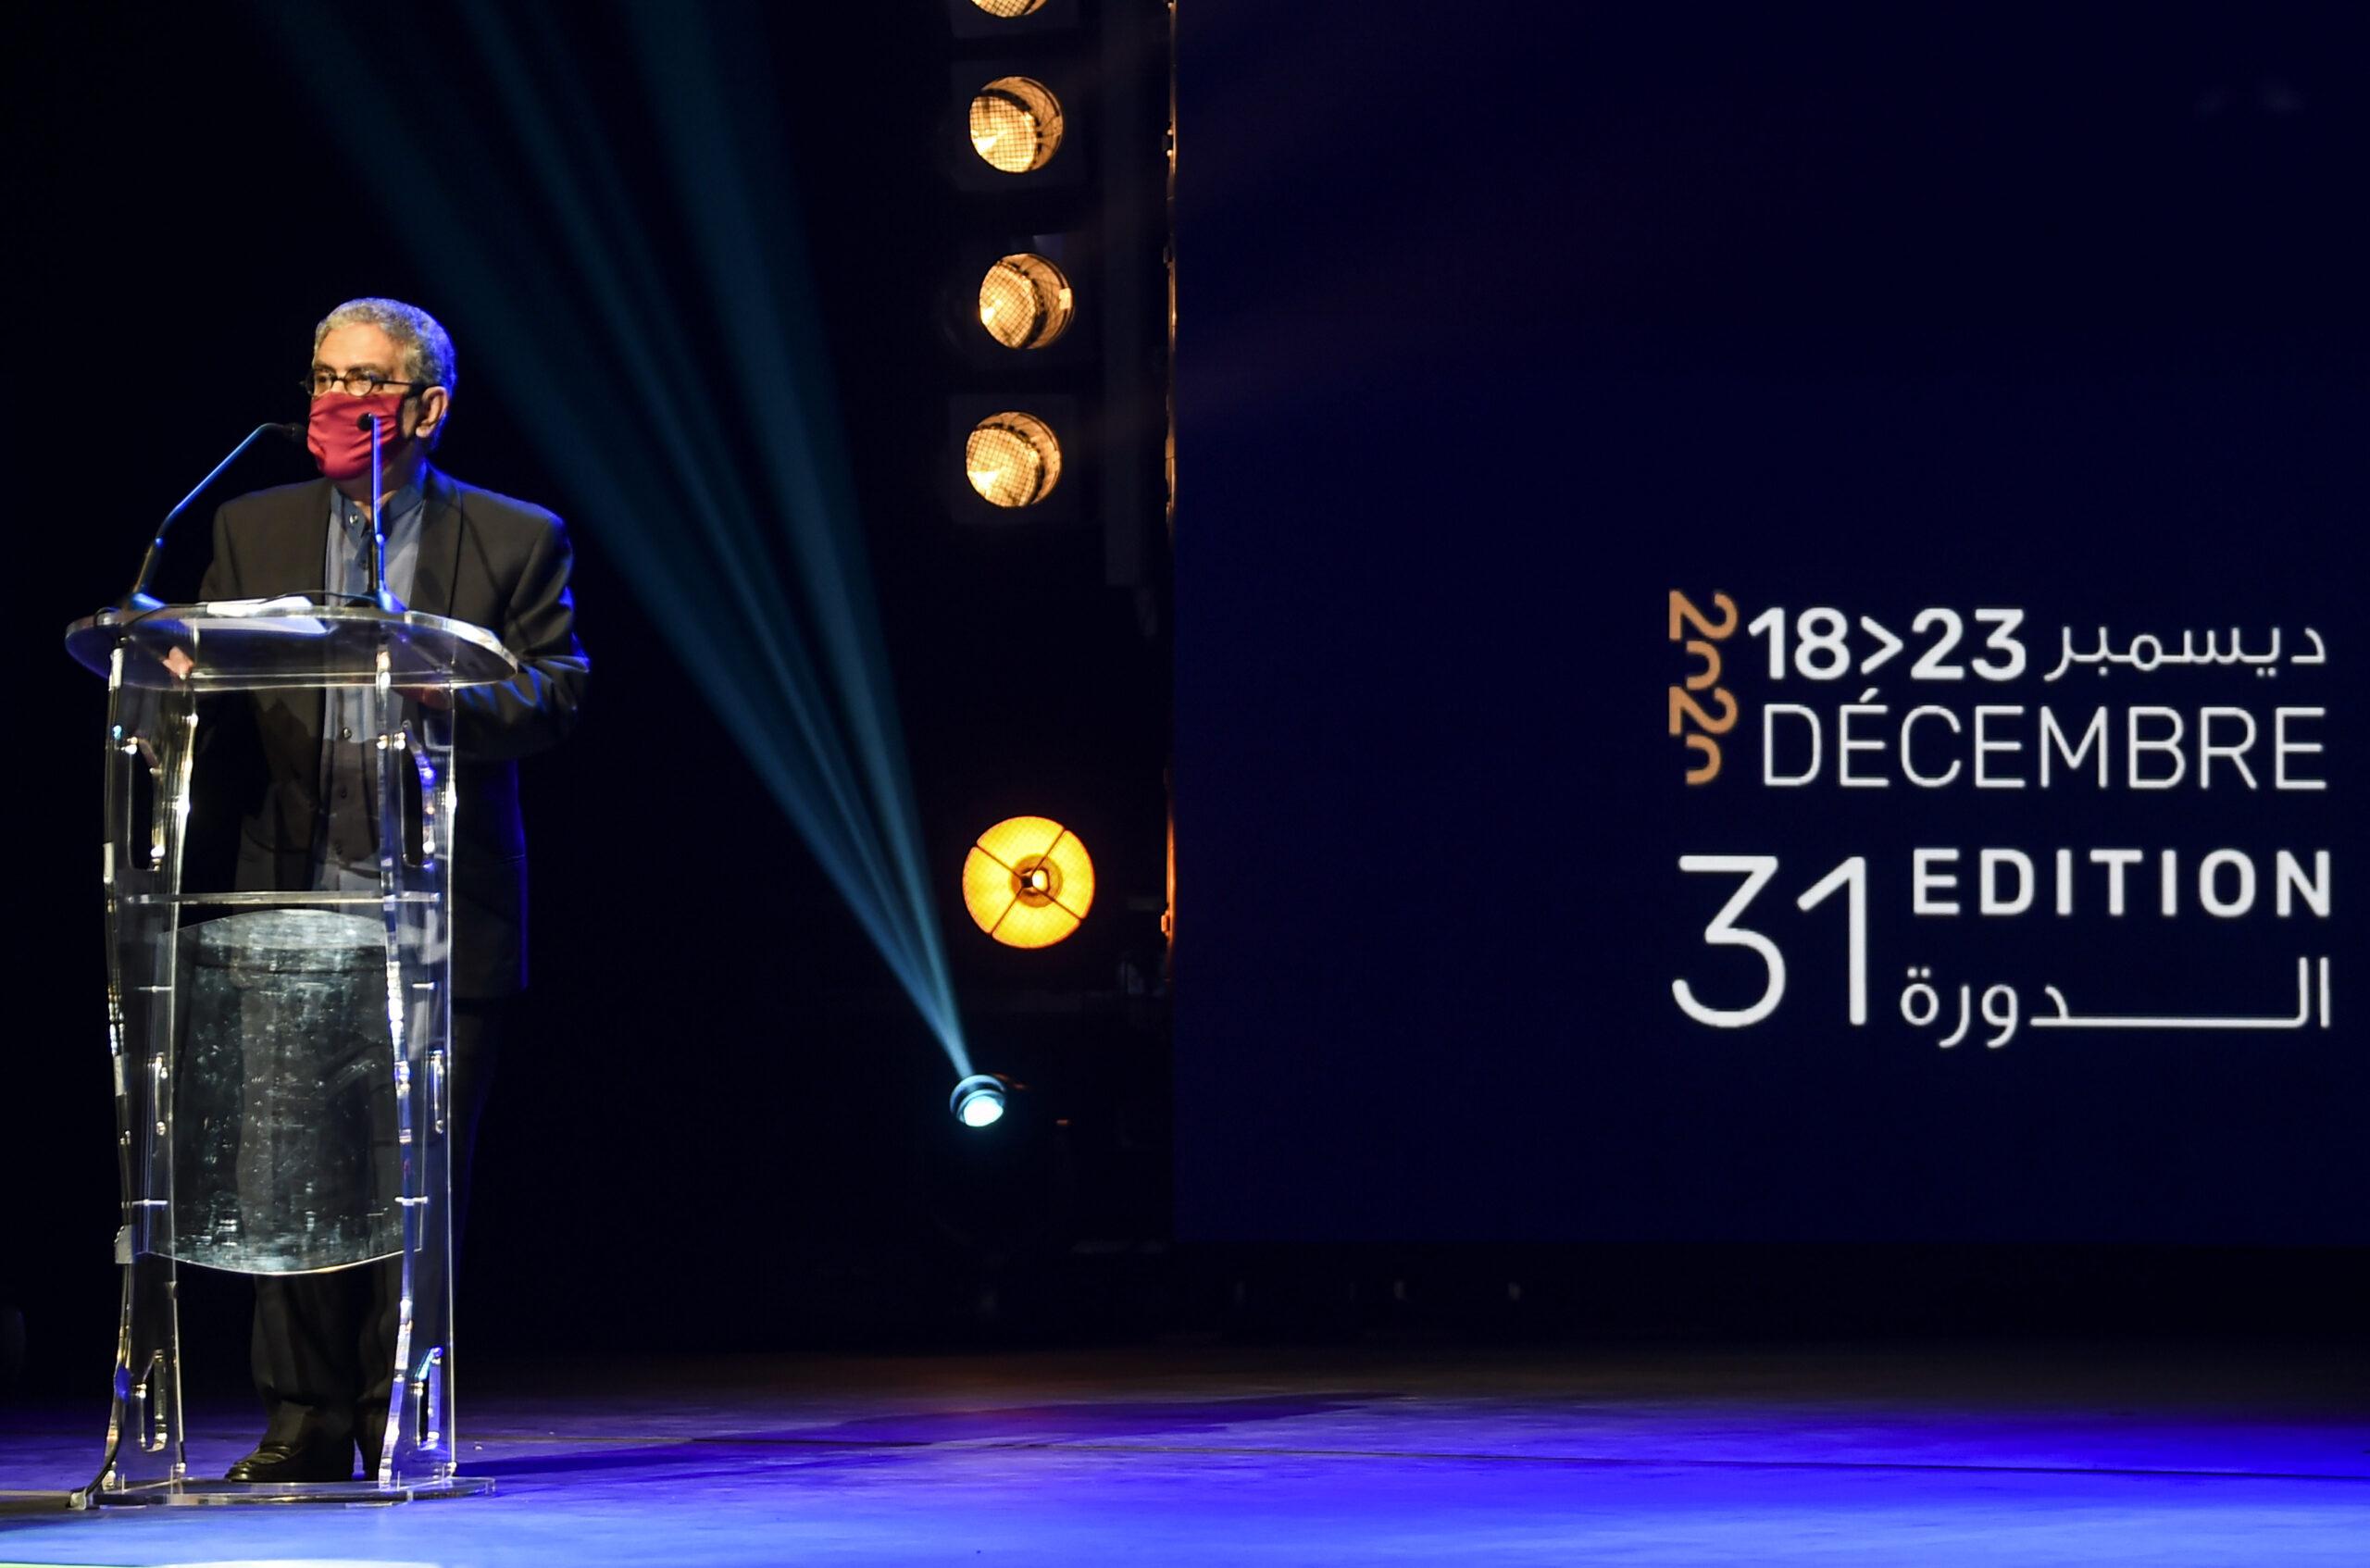 المخرج التونسي رضا الباهي في افتتاح ايام قرطاج السينمائية 31- ا ف ب